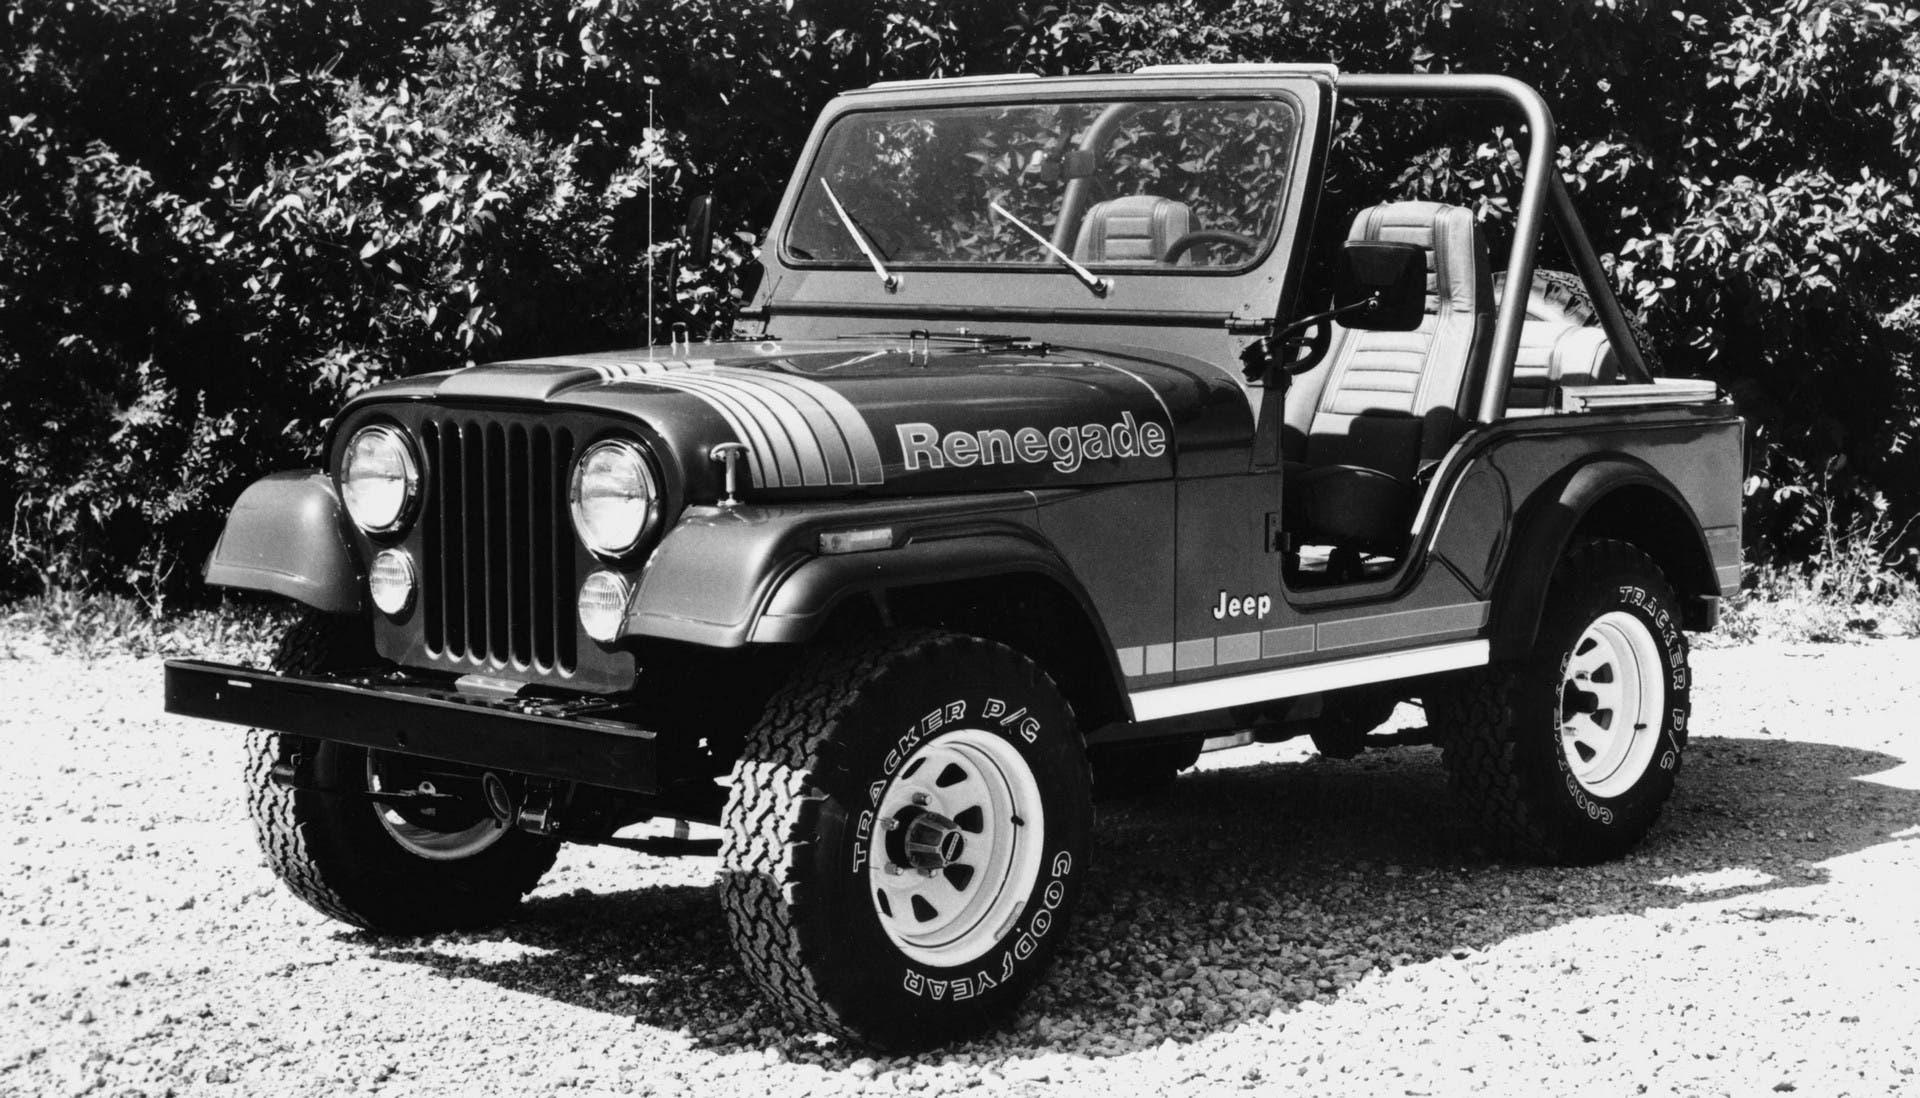 Mahindra Roxor 2021 Jeep